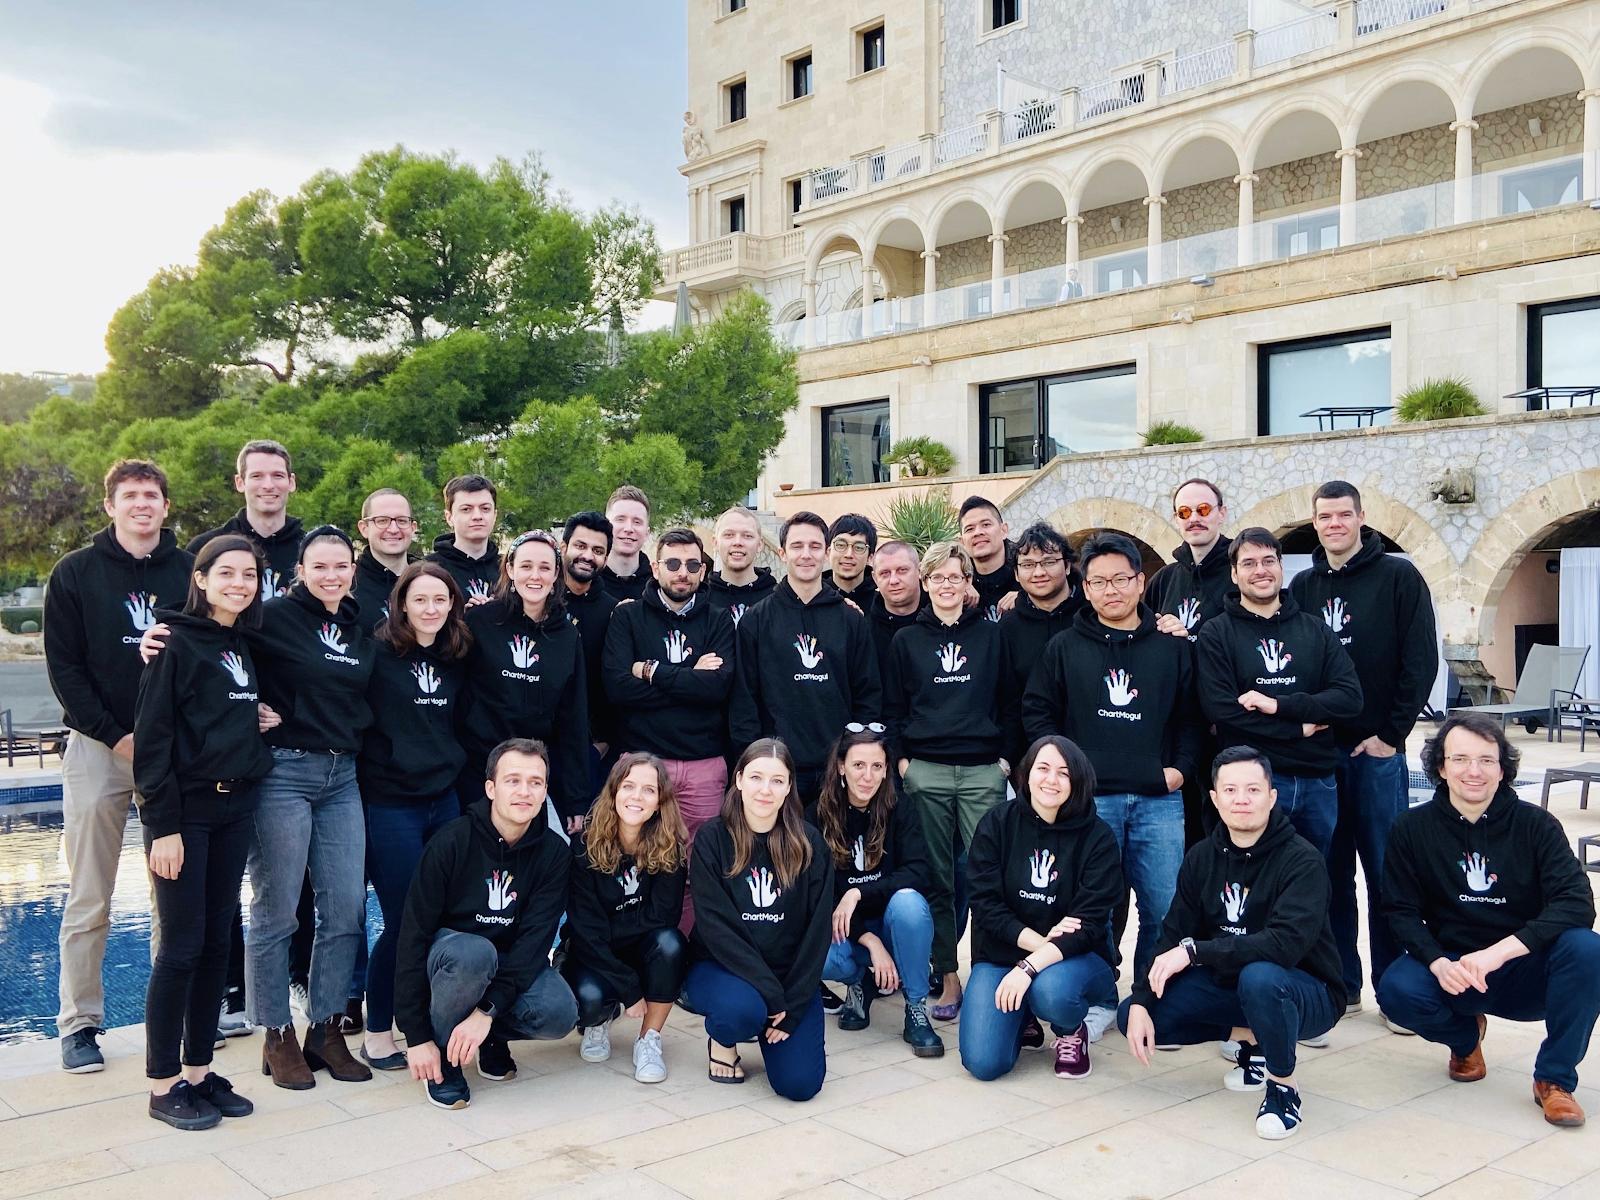 ChartMogul's team in Mallorca